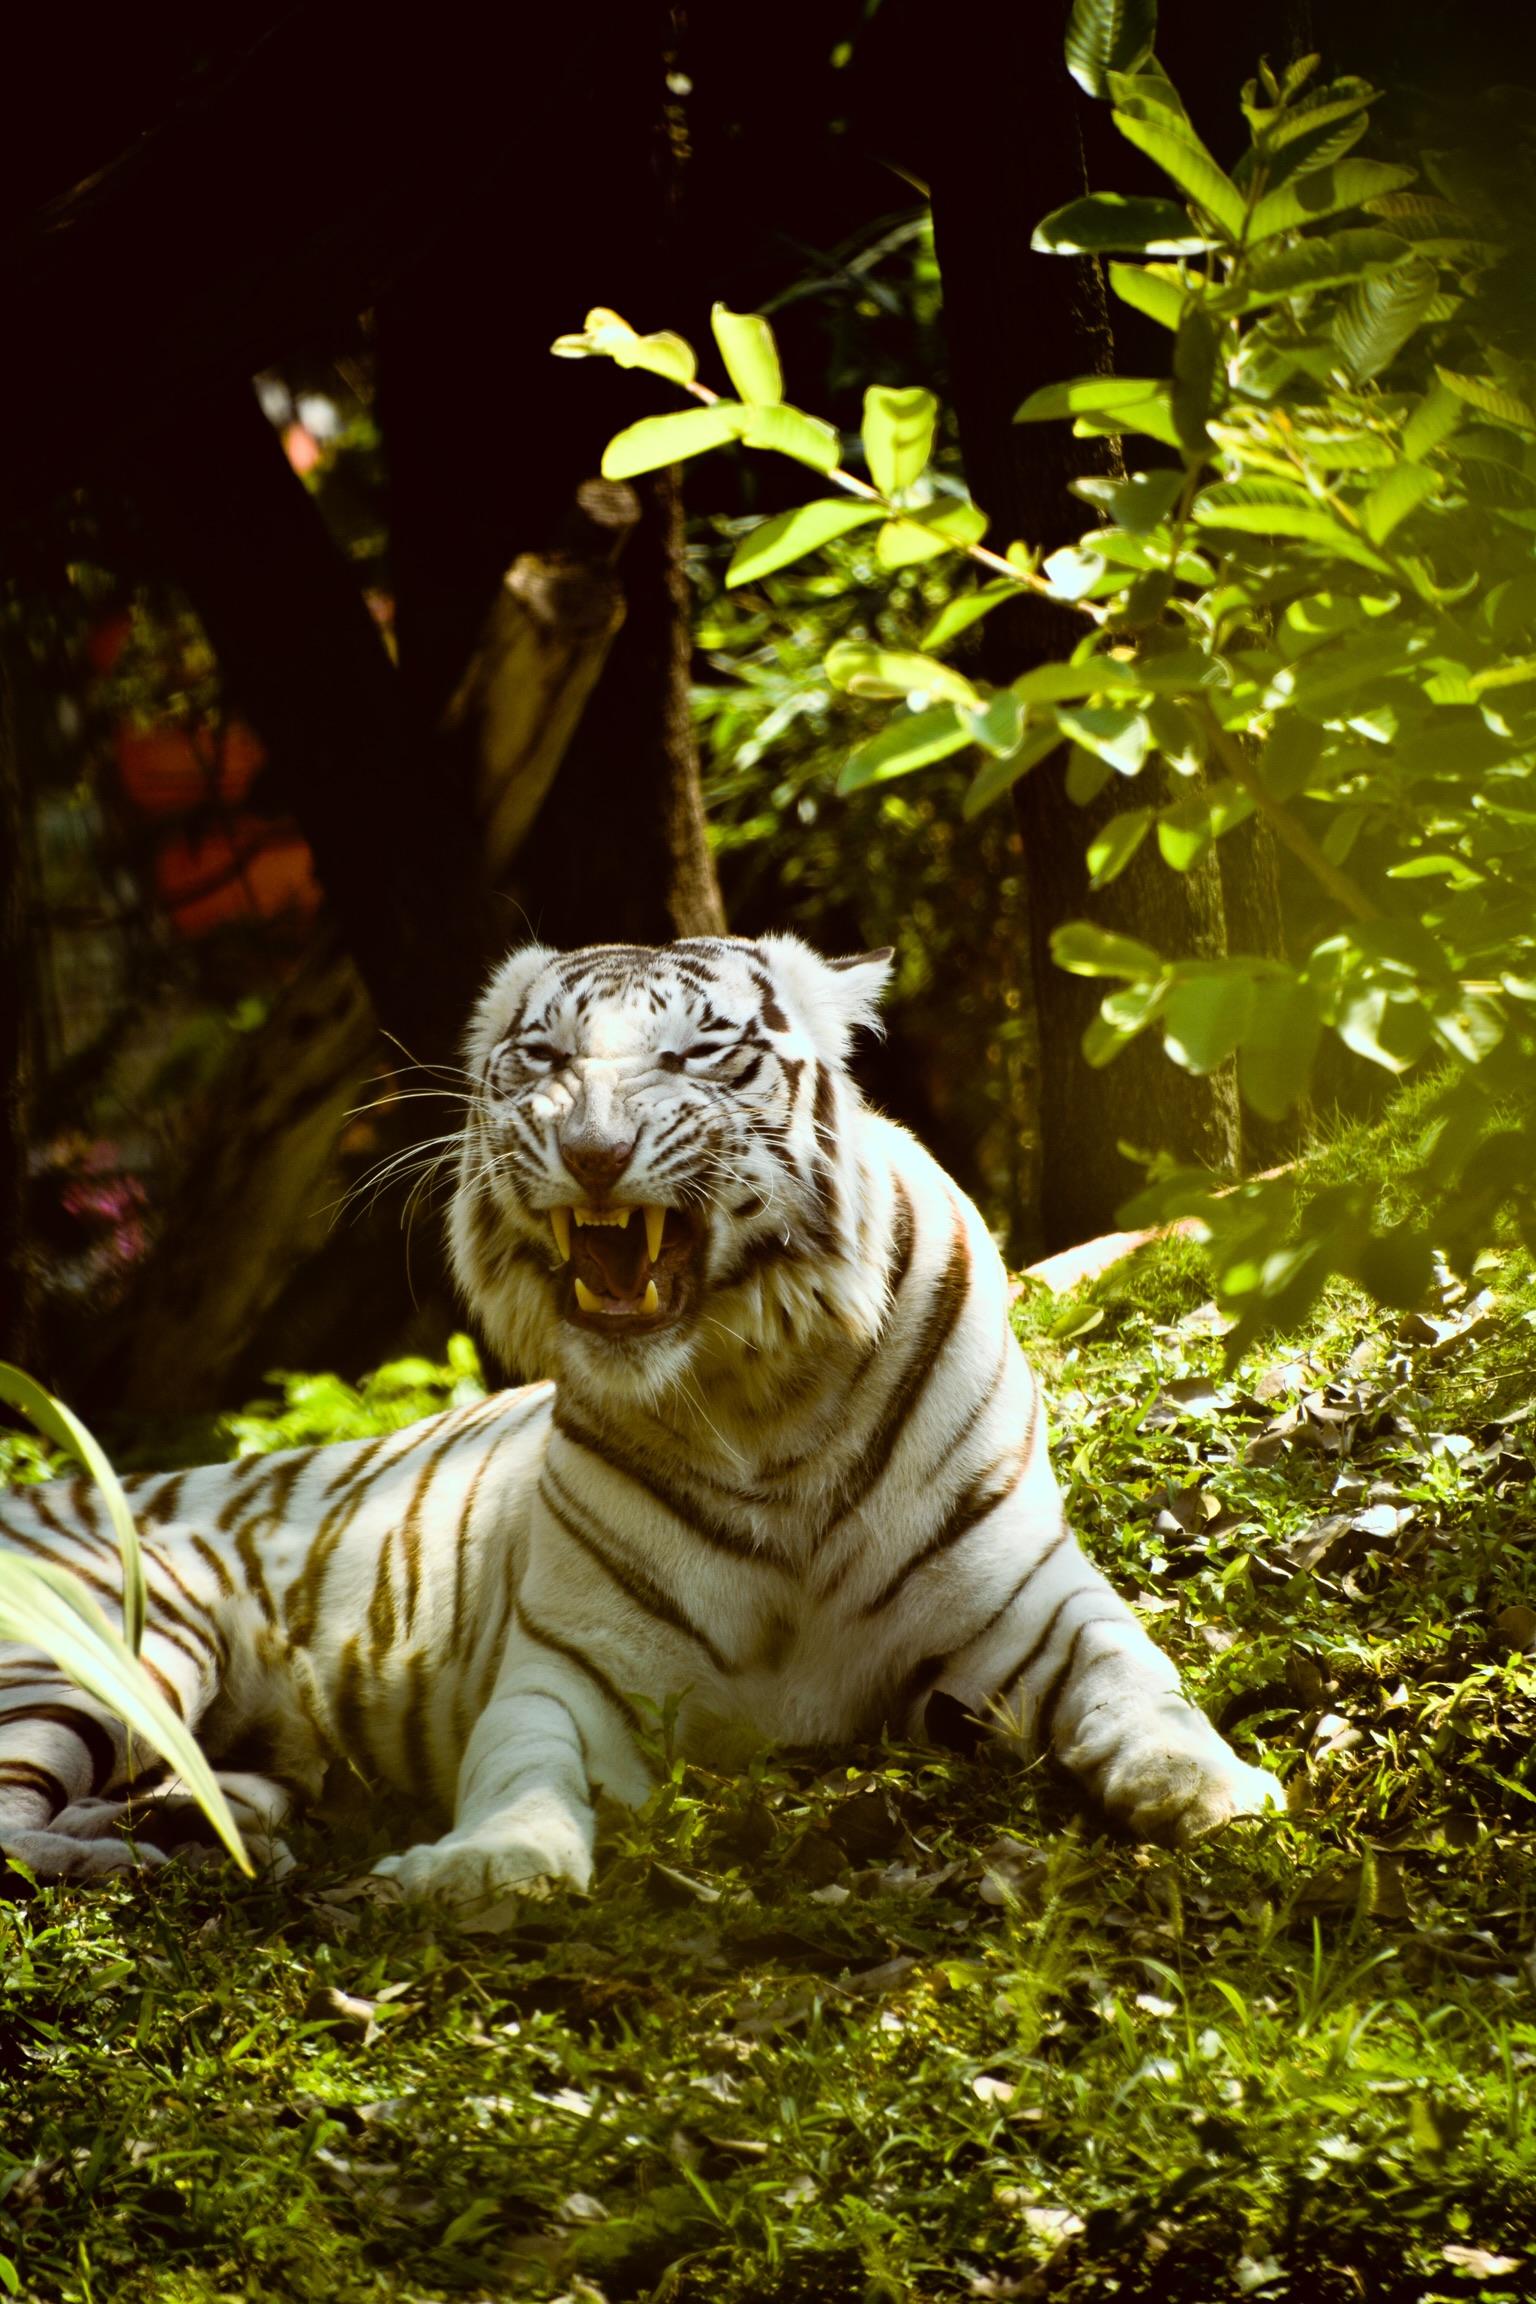 White tiger roaring